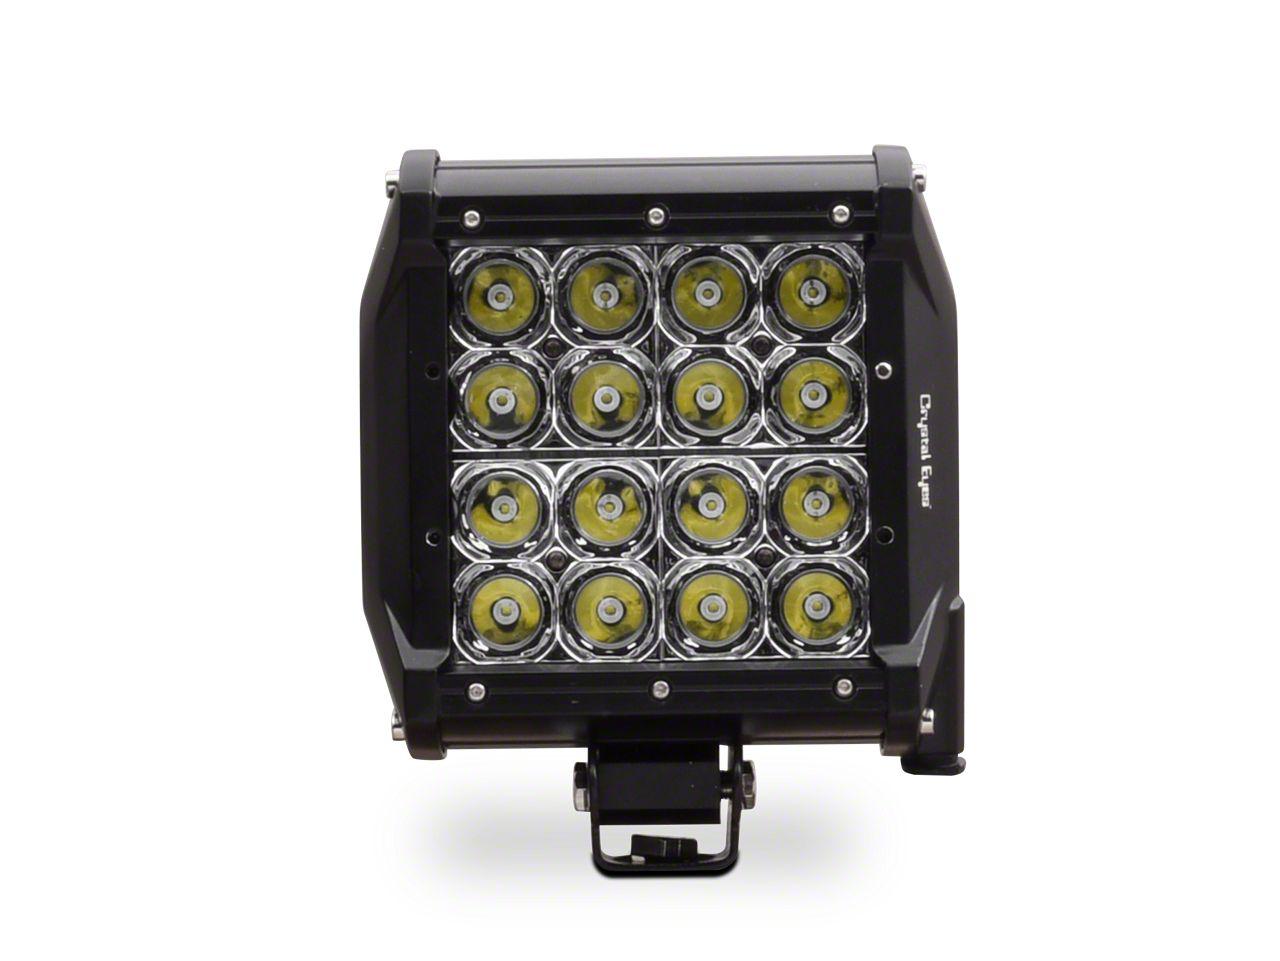 Alteon 5 in. 6 Series LED Light Bar - 8 Degree Spot Beam